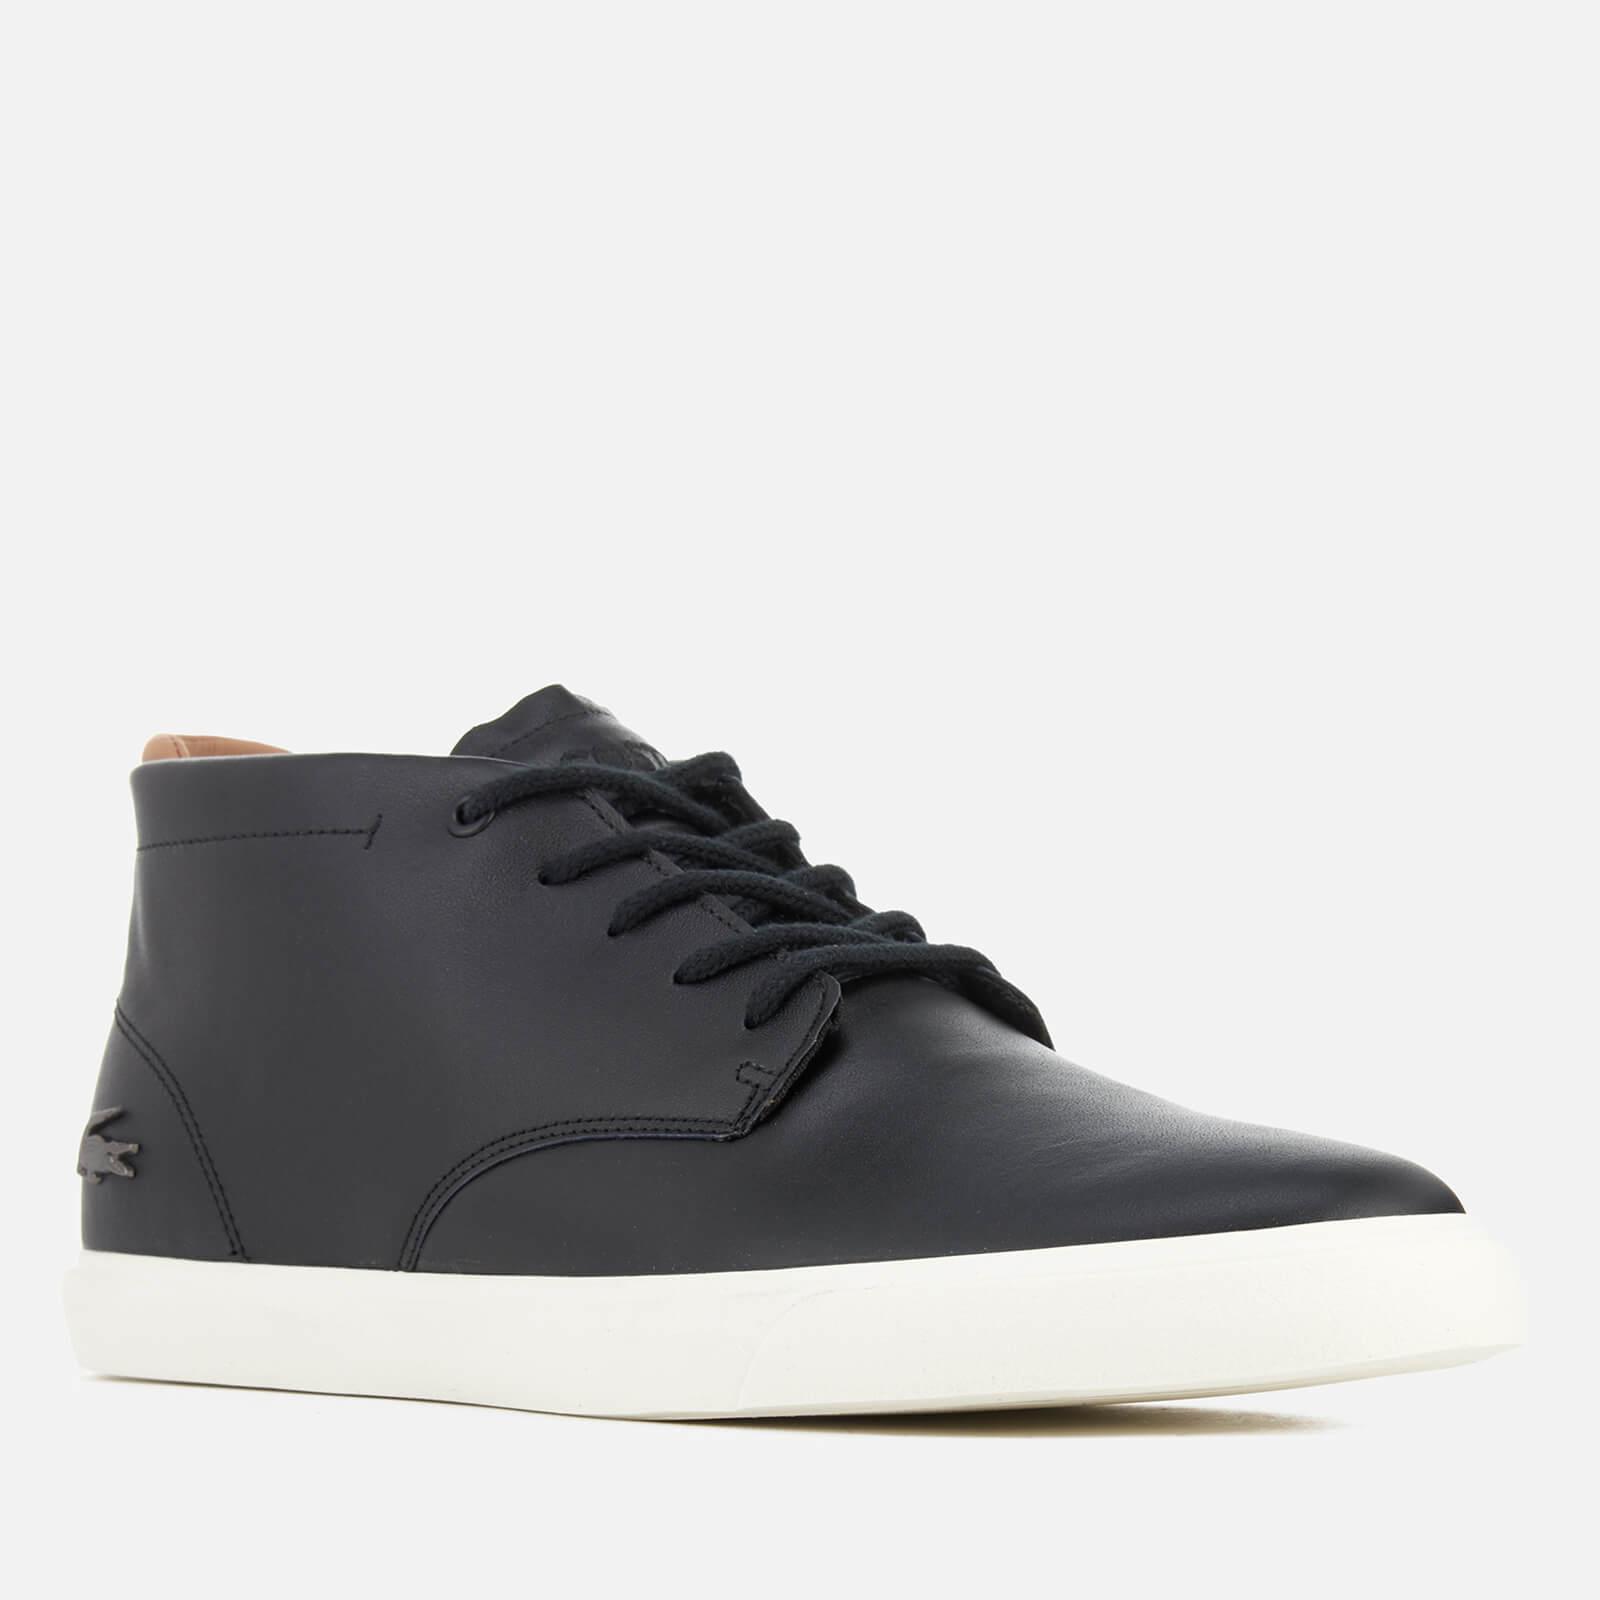 873f00b4e Lacoste Espere Chukka 317 1 Boots in Black for Men - Lyst